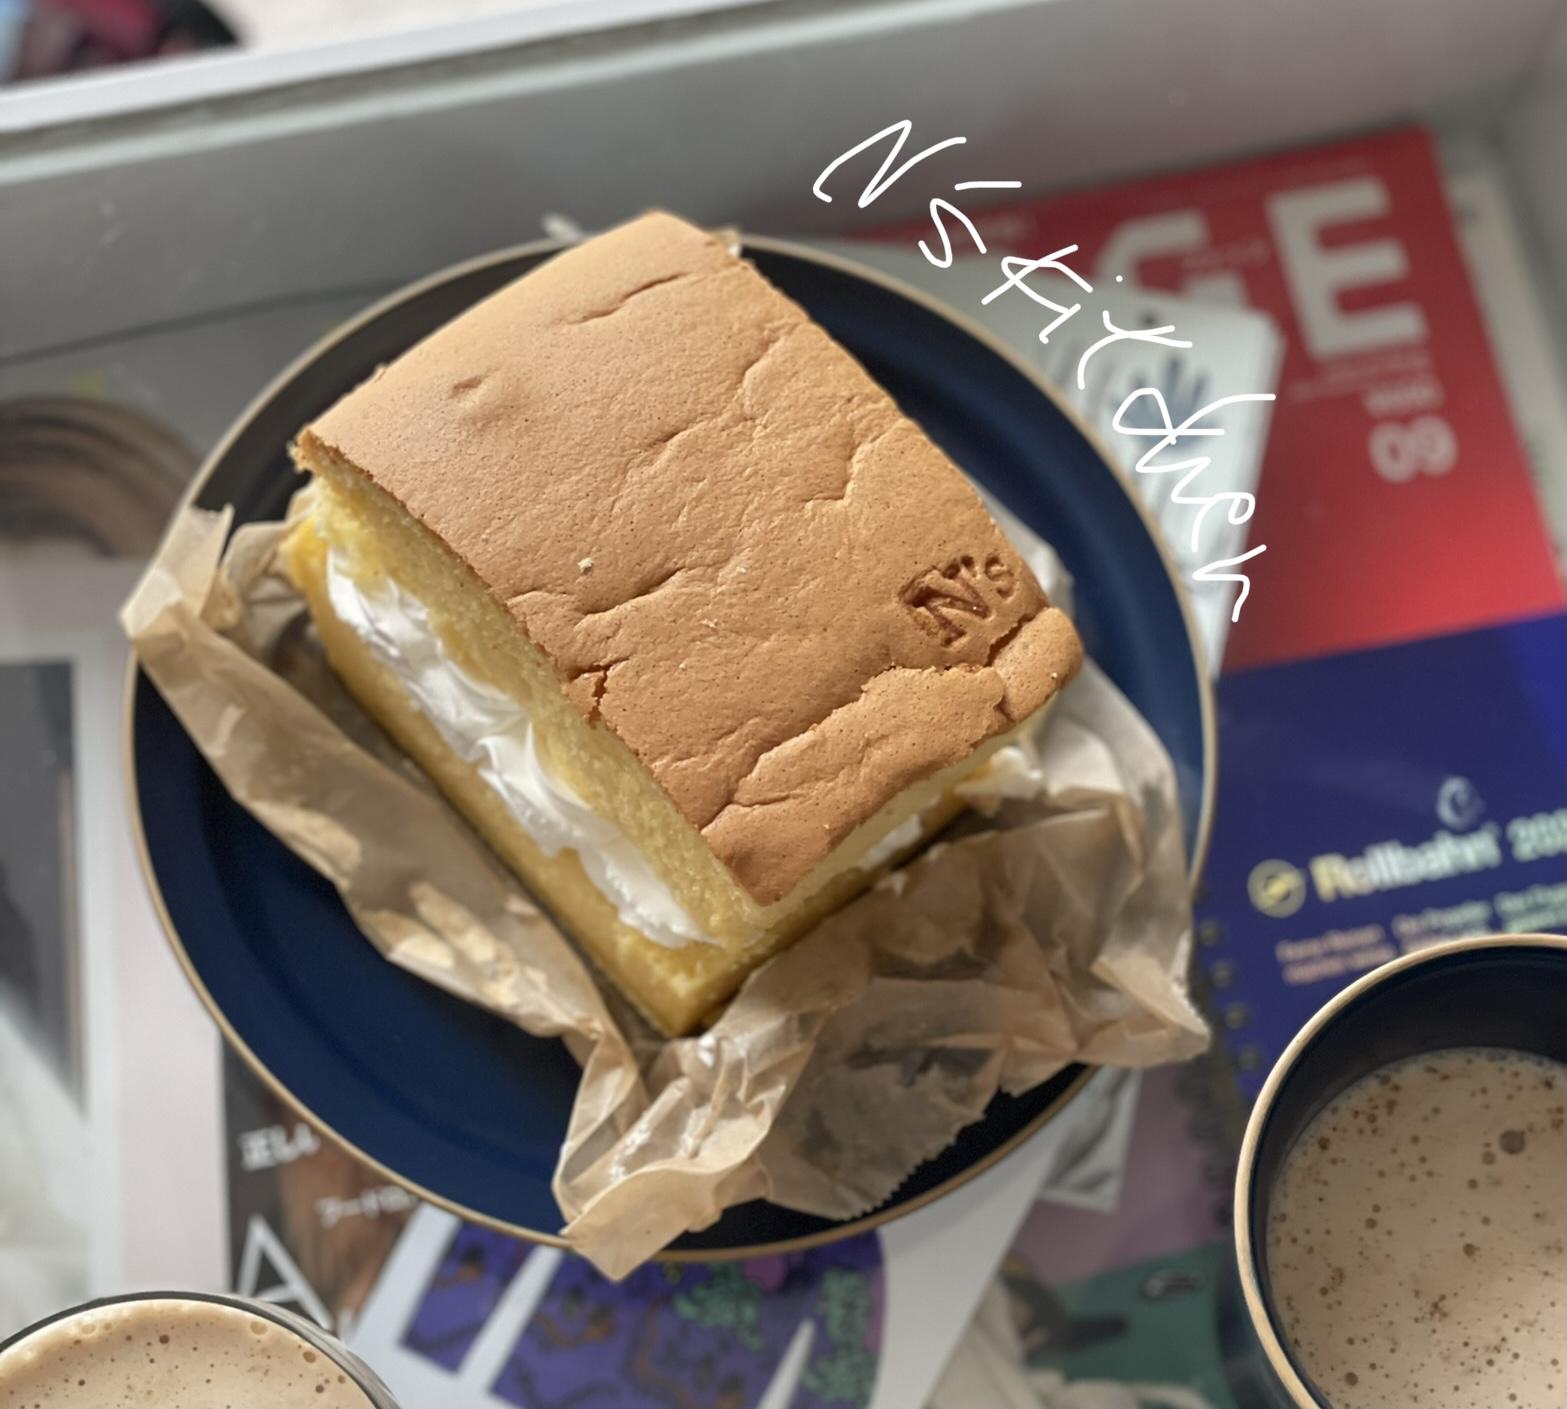 予約がおすすめ!松山市三津浜にある「 N's KItchen &labo」のふわしゅわ新食感!「台湾カステラ」を食べたよ